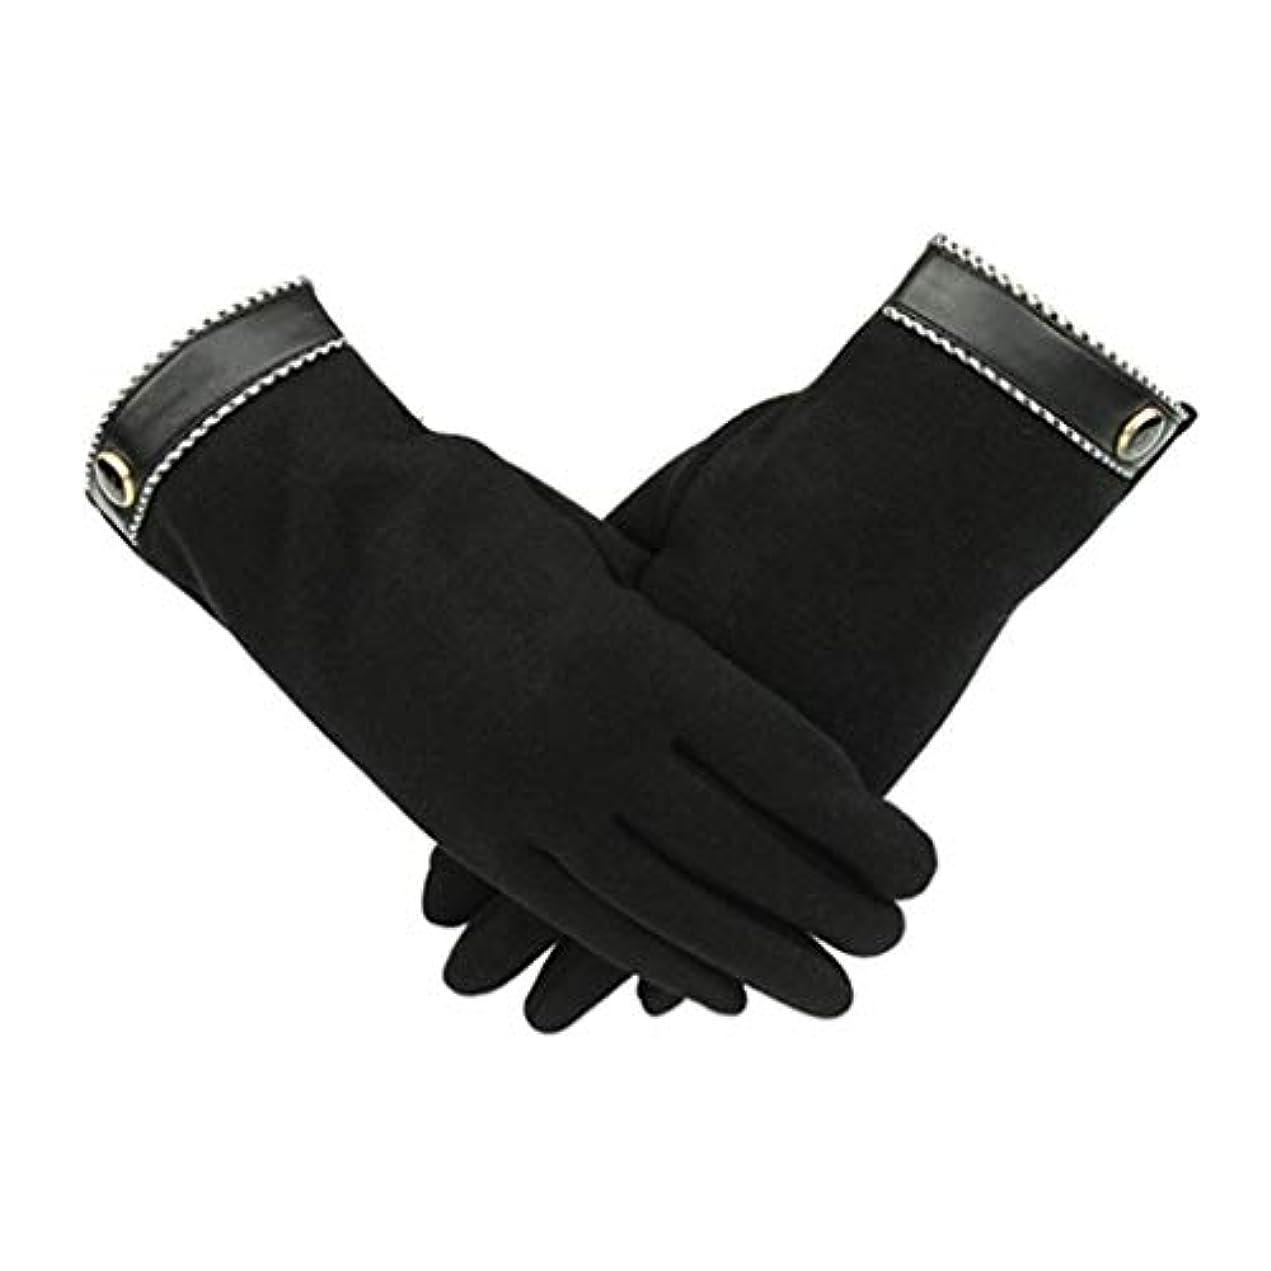 偏差かもめレギュラー手袋の男性プラスベルベット暖かい春と秋冬の屋外旅行は、ベルベットのタッチスクリーンの手袋ではない (色 : 黒)